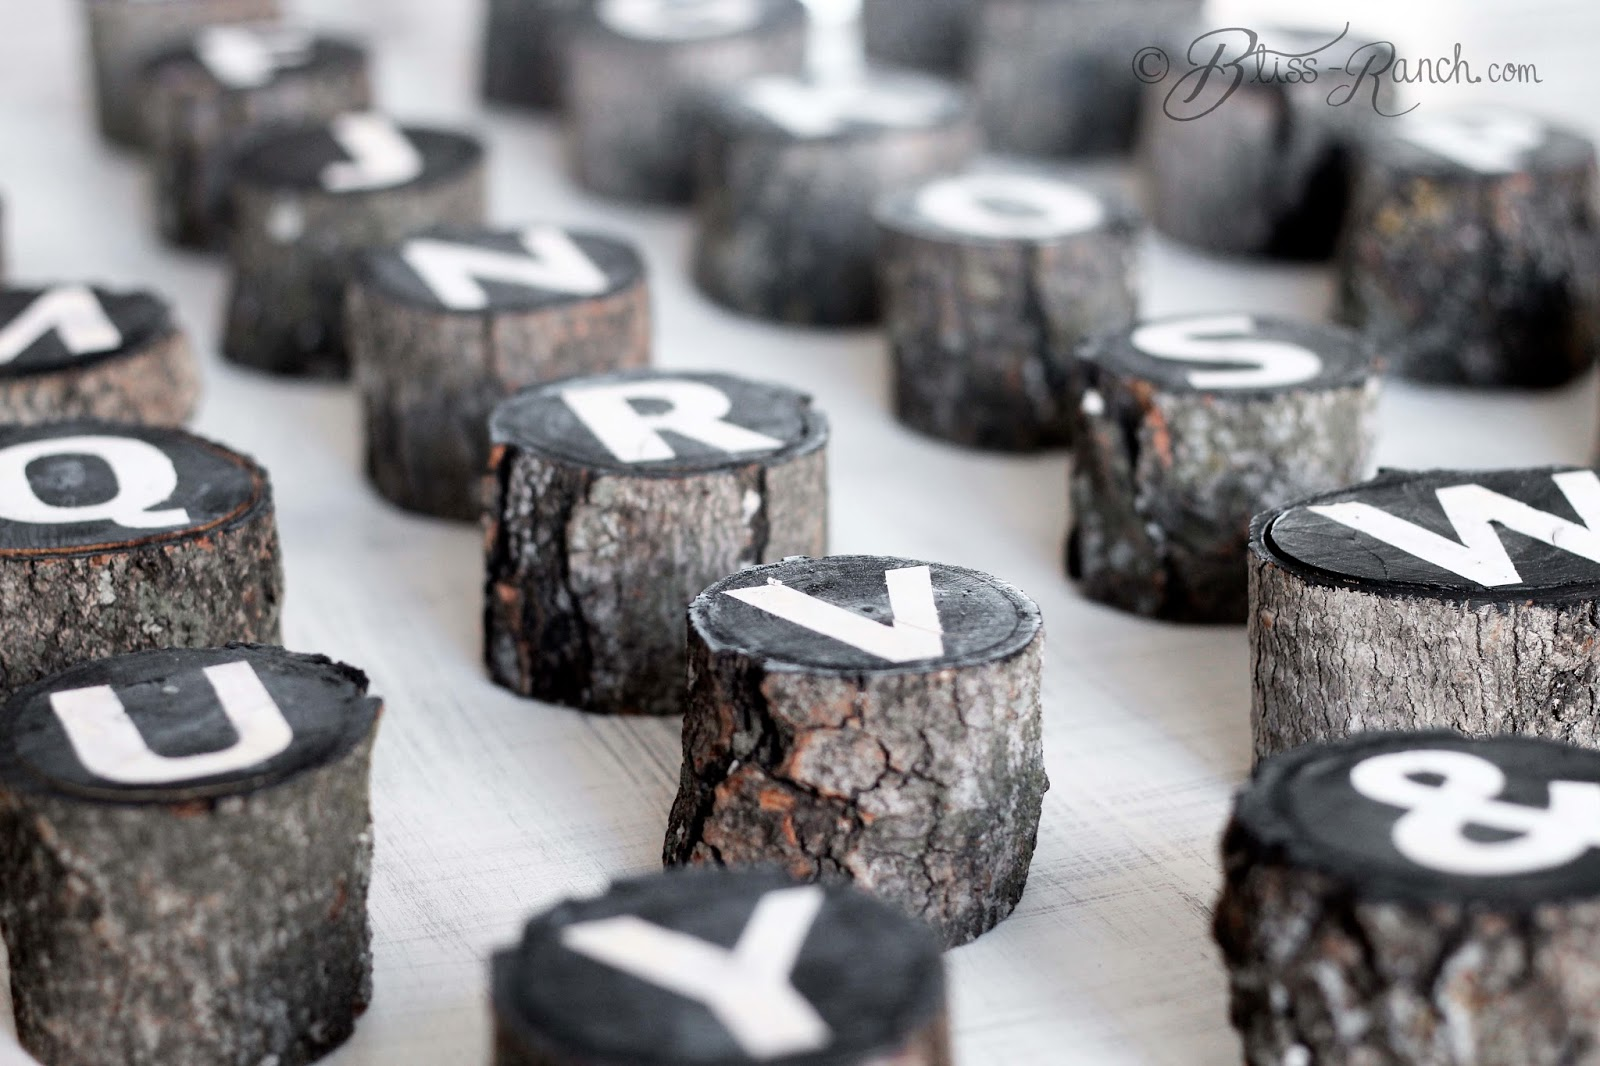 Tree Branch Alphabet Art Bliss-Ranch.com